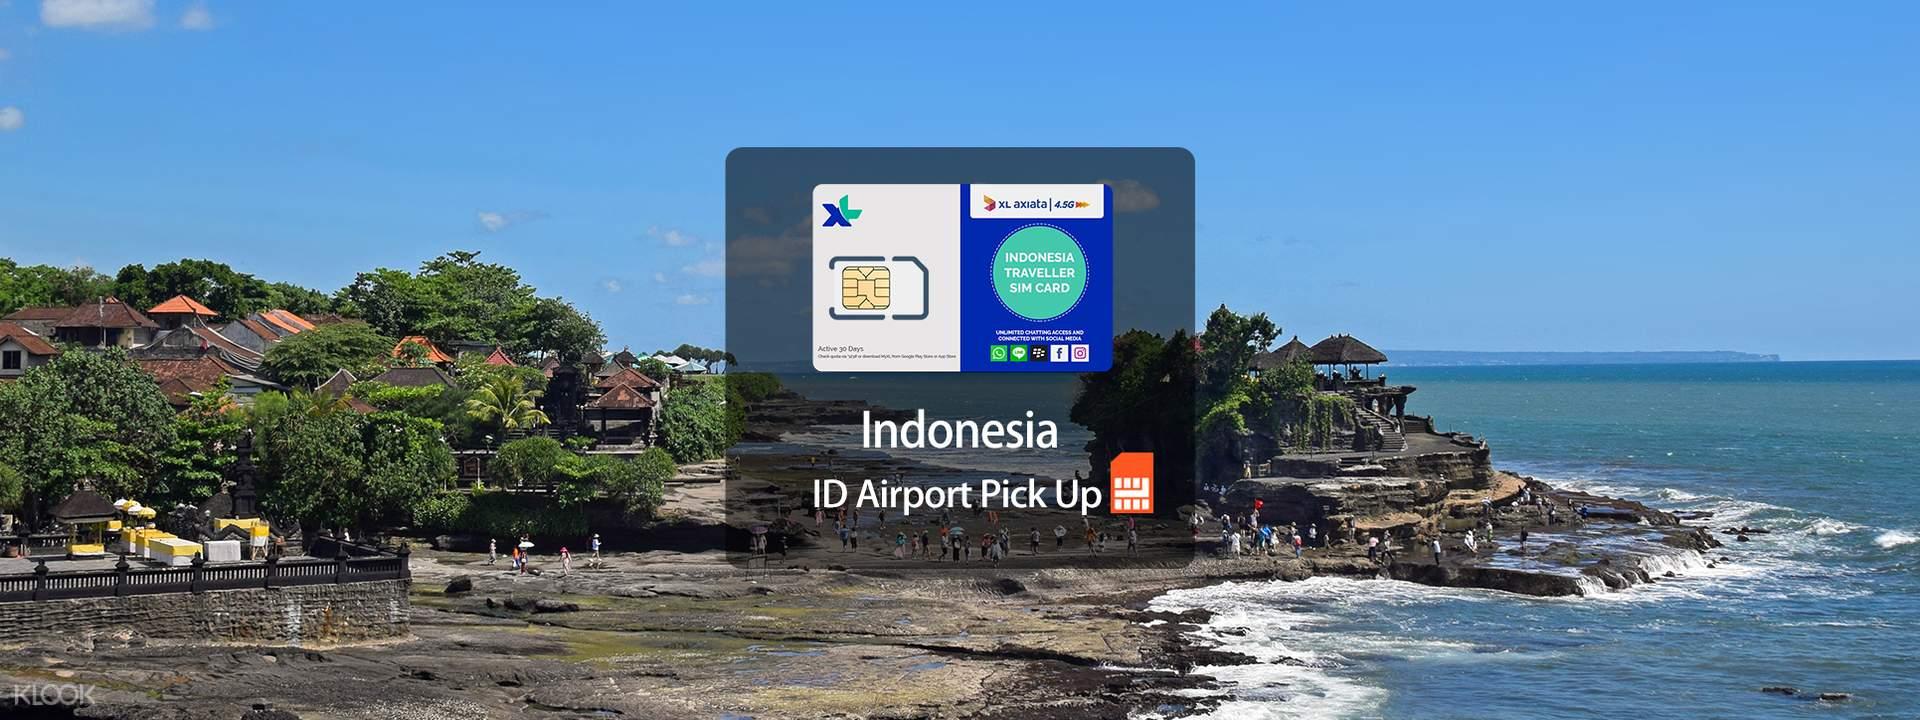 3G/4G Bali SIM Card (Denpasar DPS Airport Pick Up) - Klook